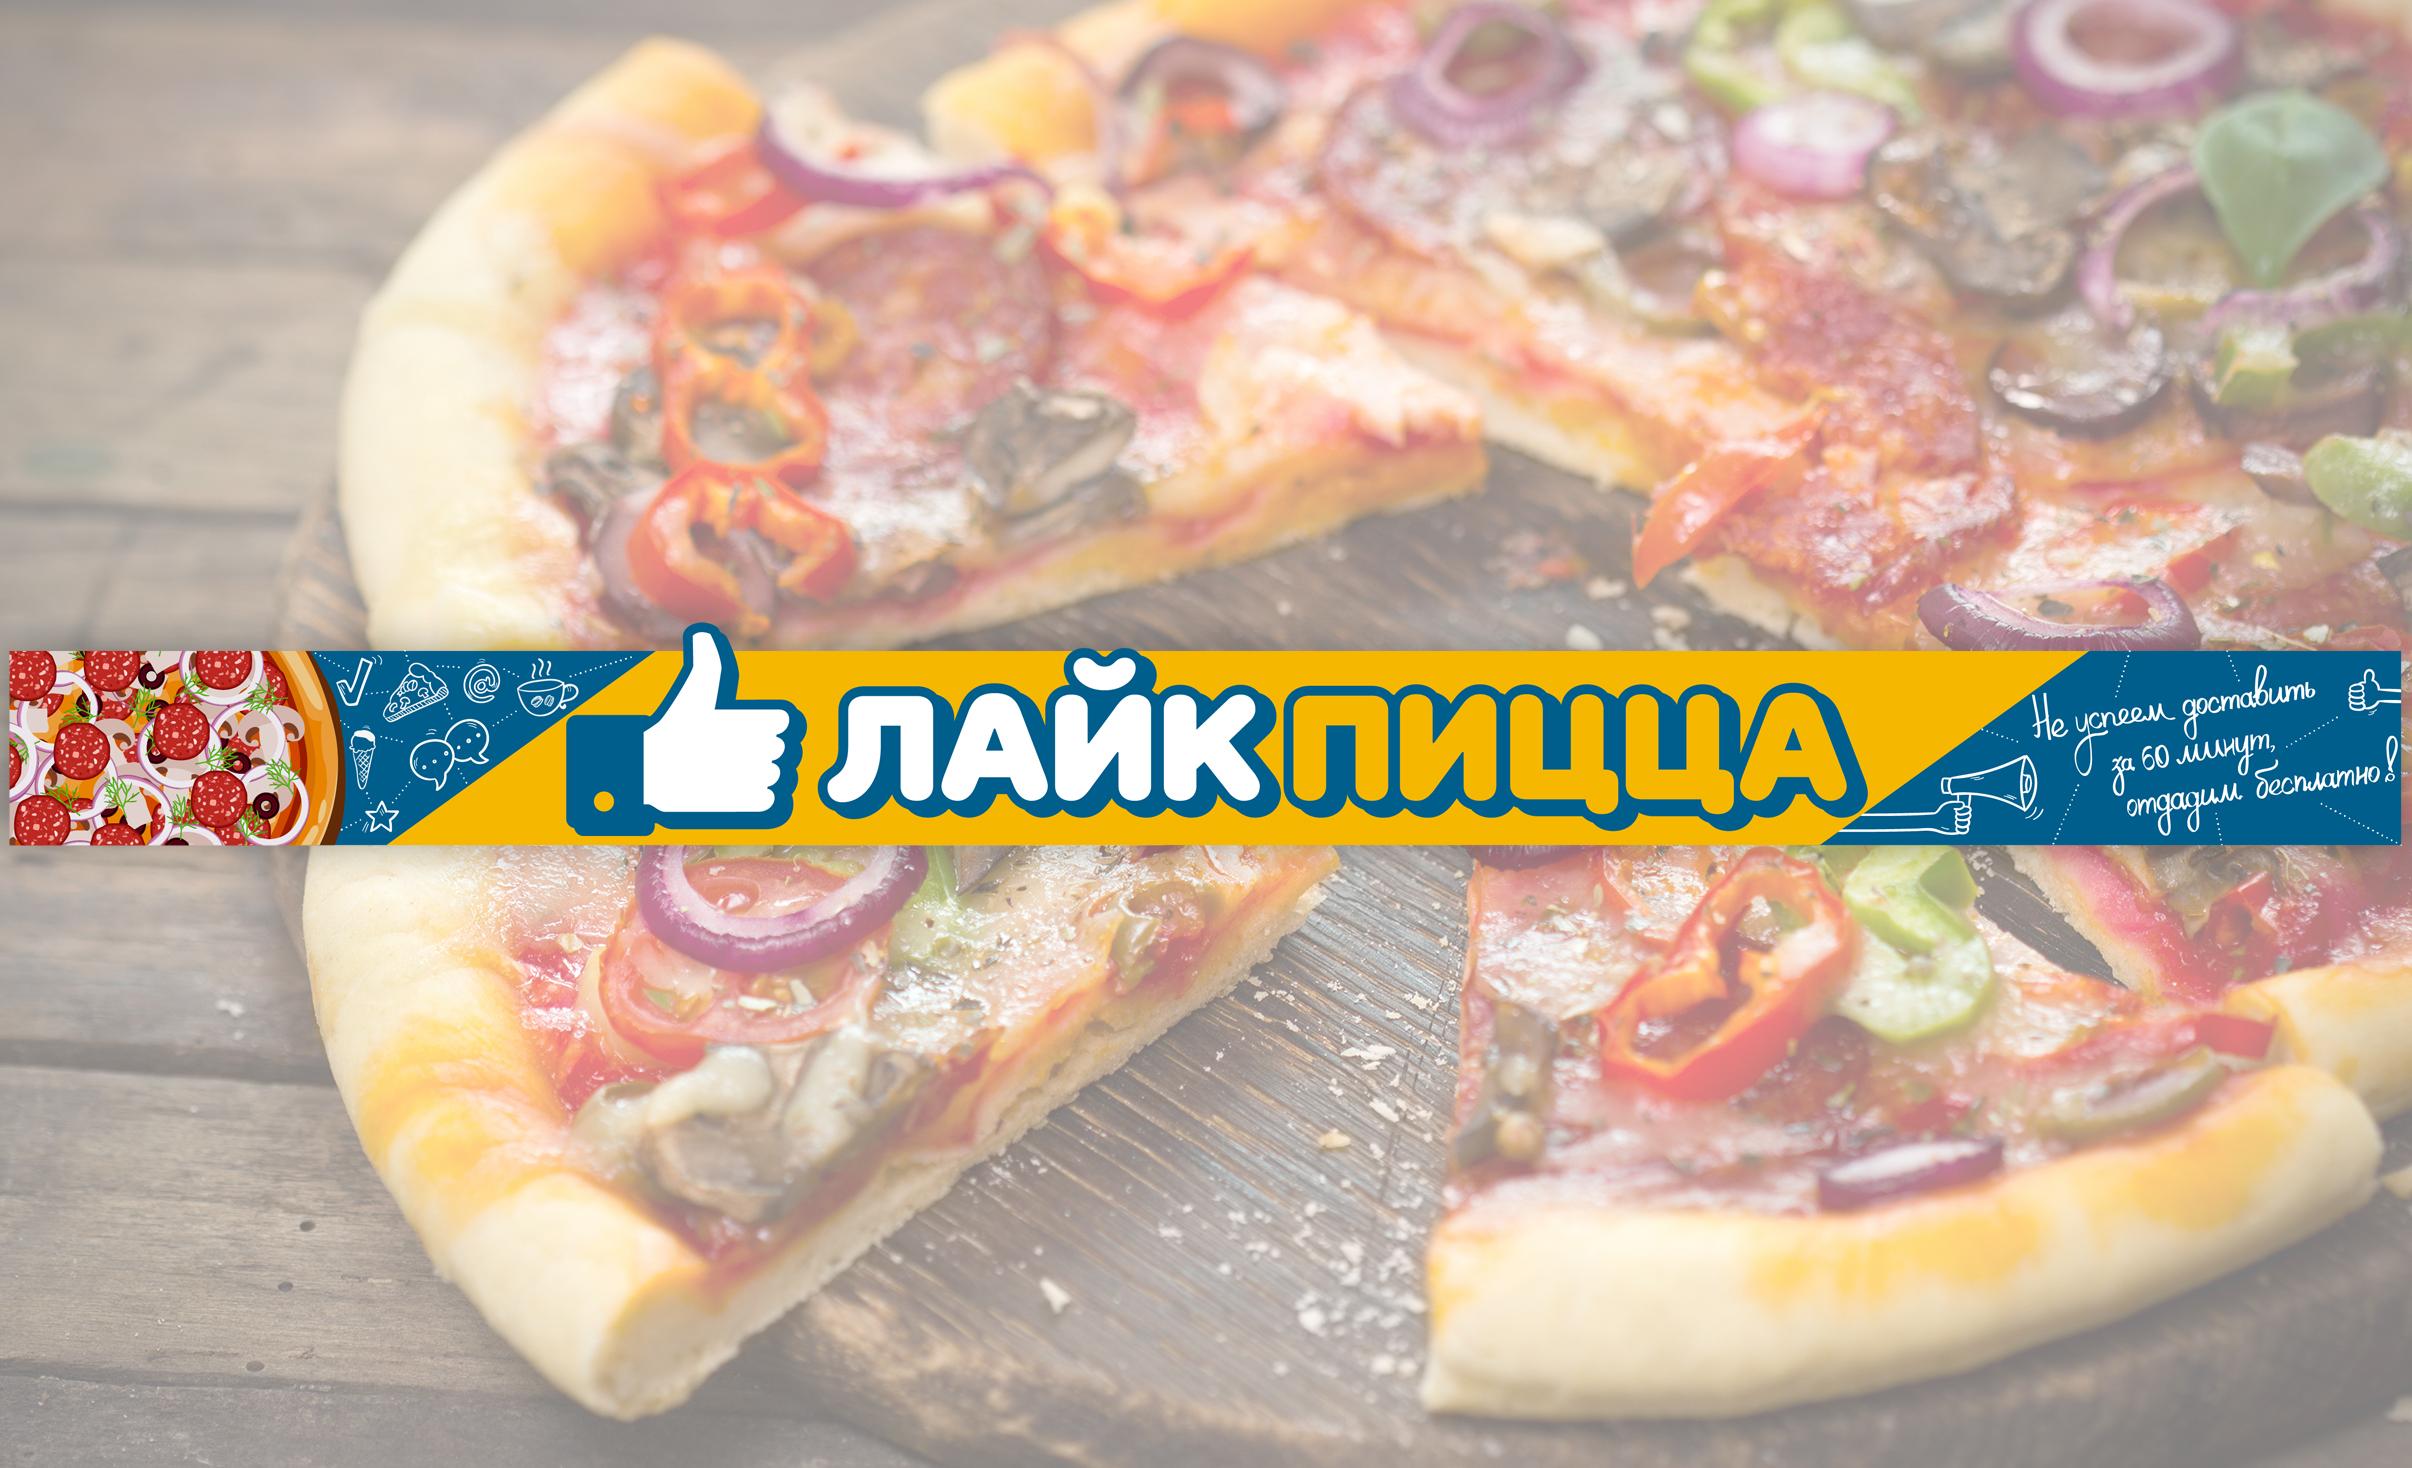 Дизайн уличного козырька с вывеской для пиццерии фото f_7295873d893c6e1d.jpg